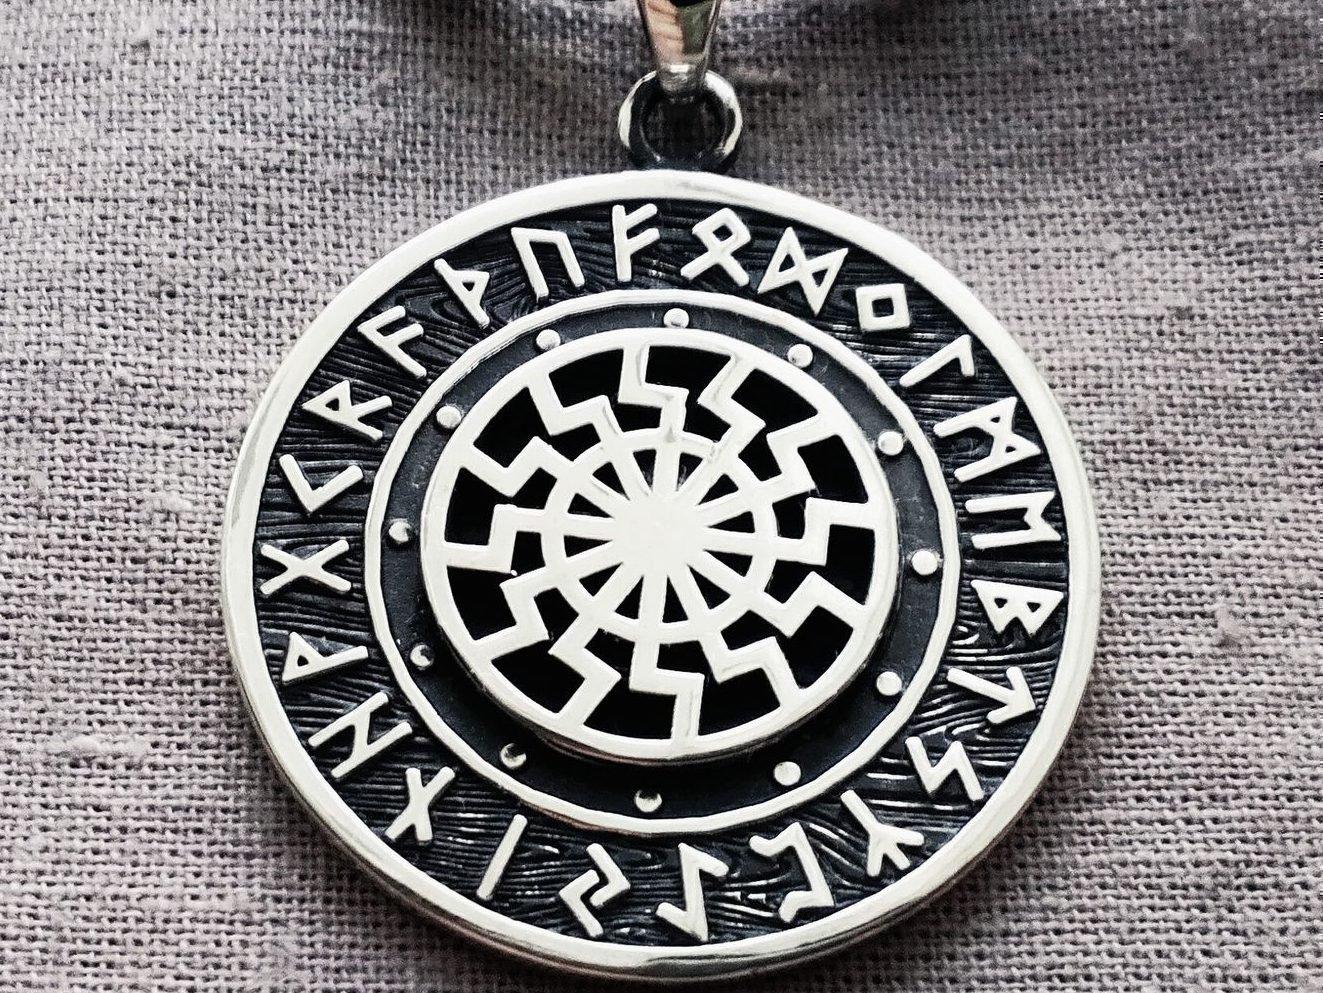 Черное Солнце: Значение символа у славян (Фото)